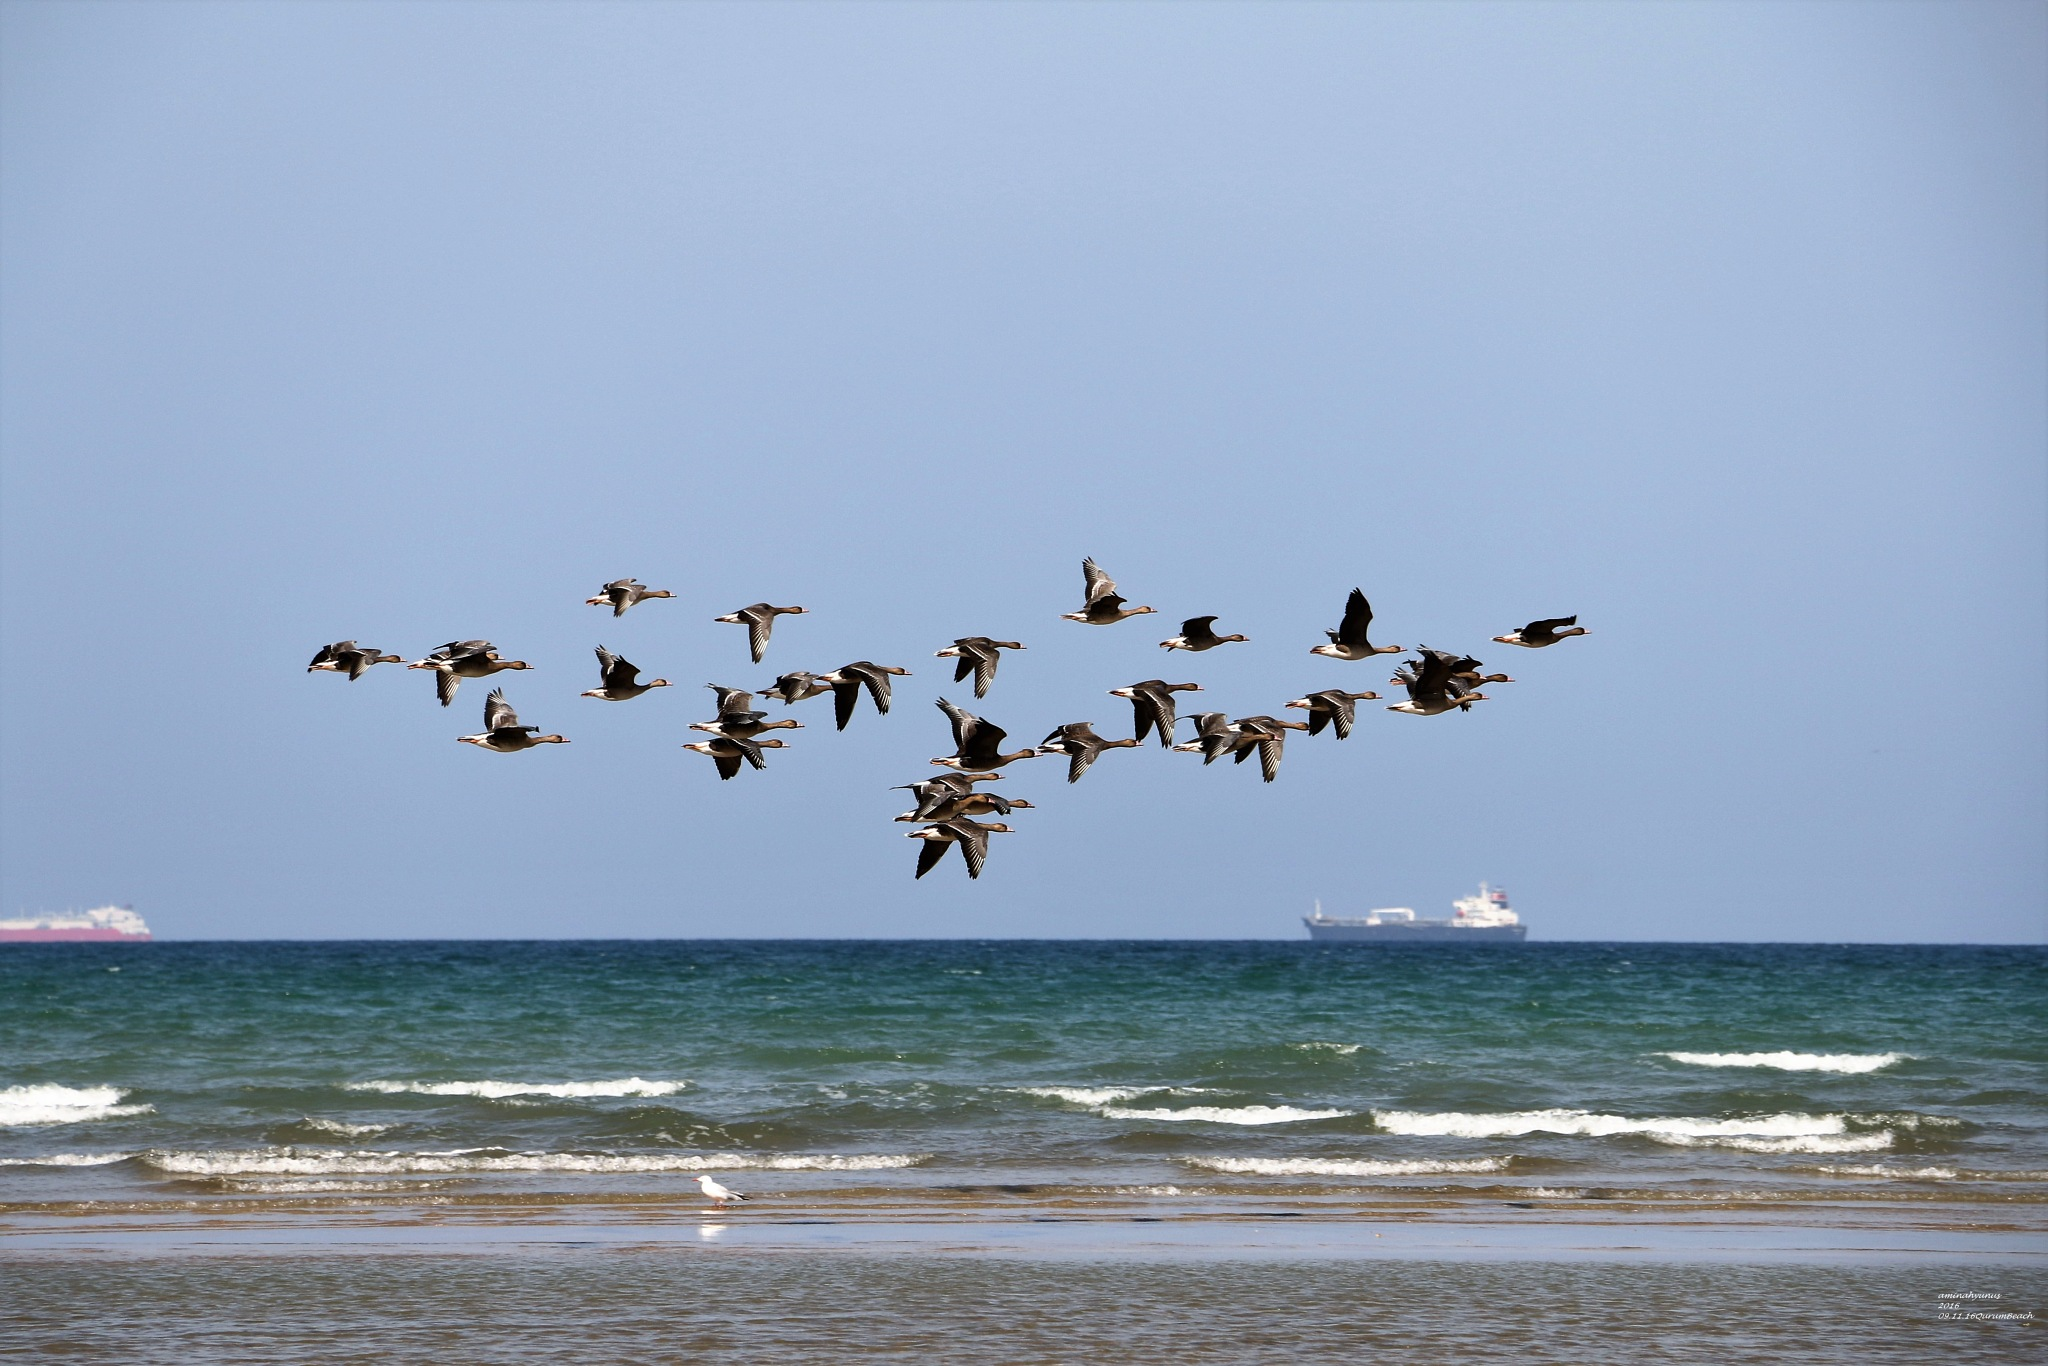 cruising the ocean by Aminah Yunus